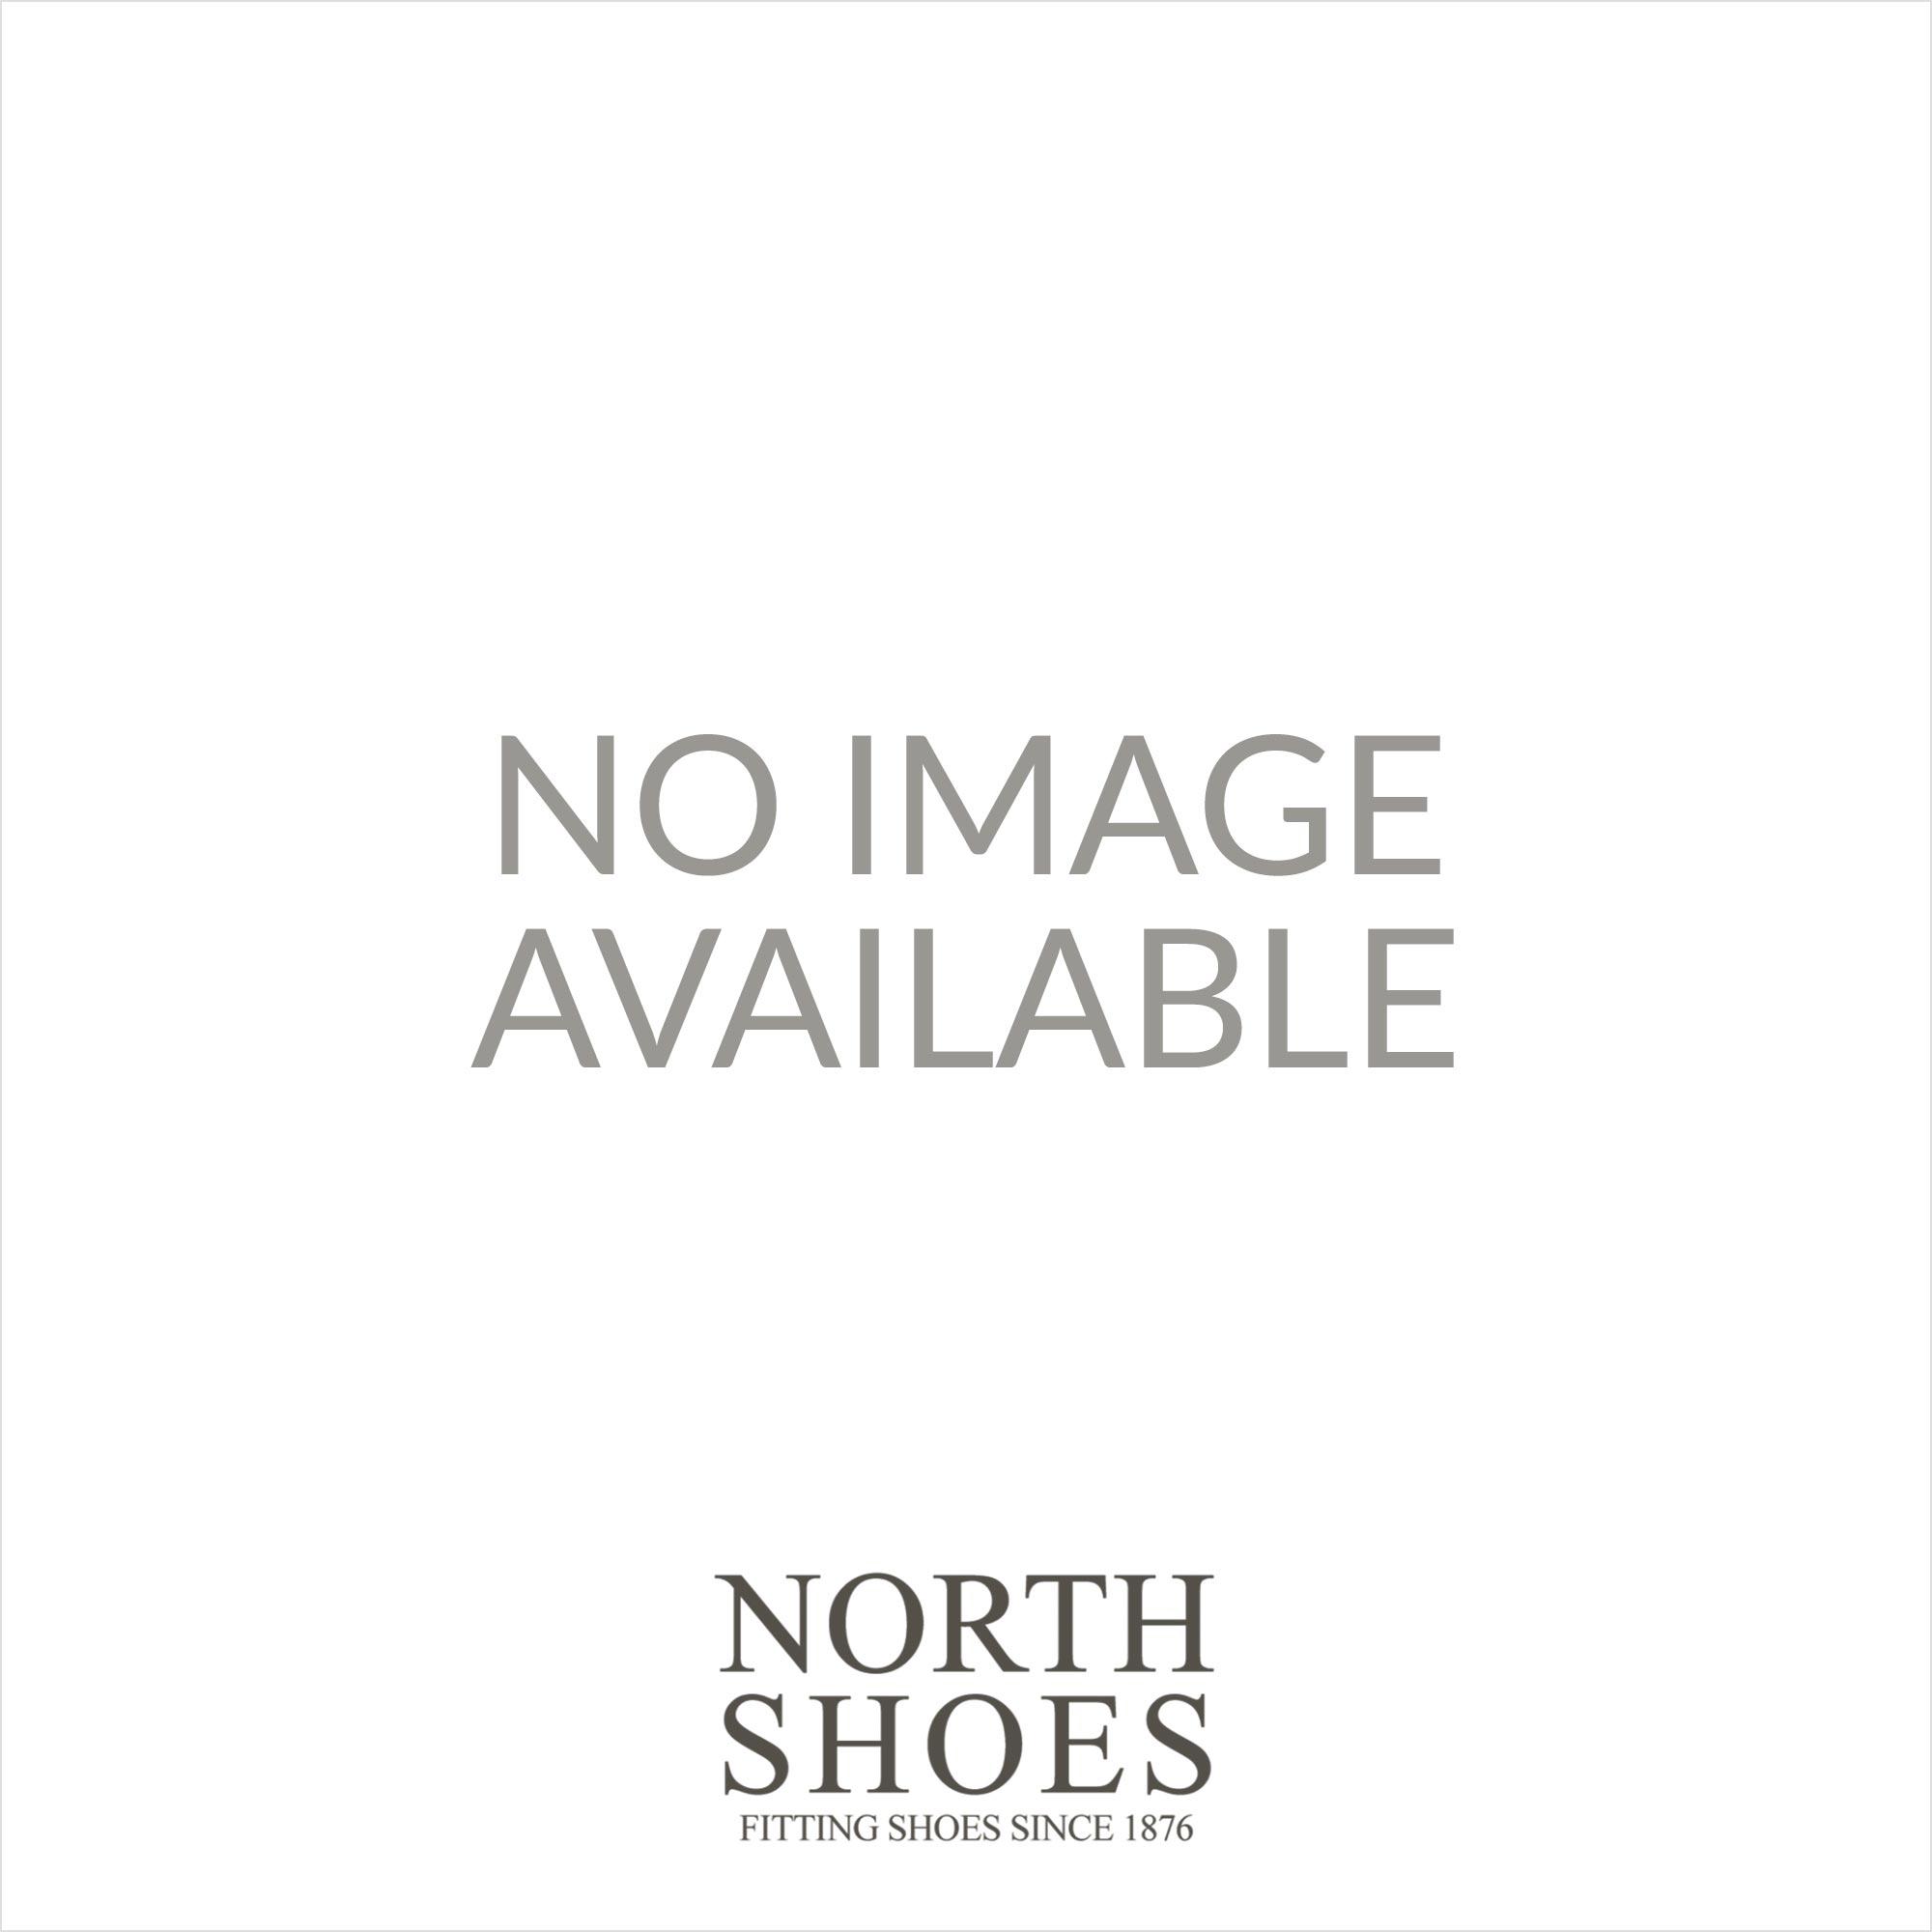 846a530b7c Vans Milton VQGC0XT Black Suede Unisex Lace Up Casual Shoe - Vans from  North Shoes UK